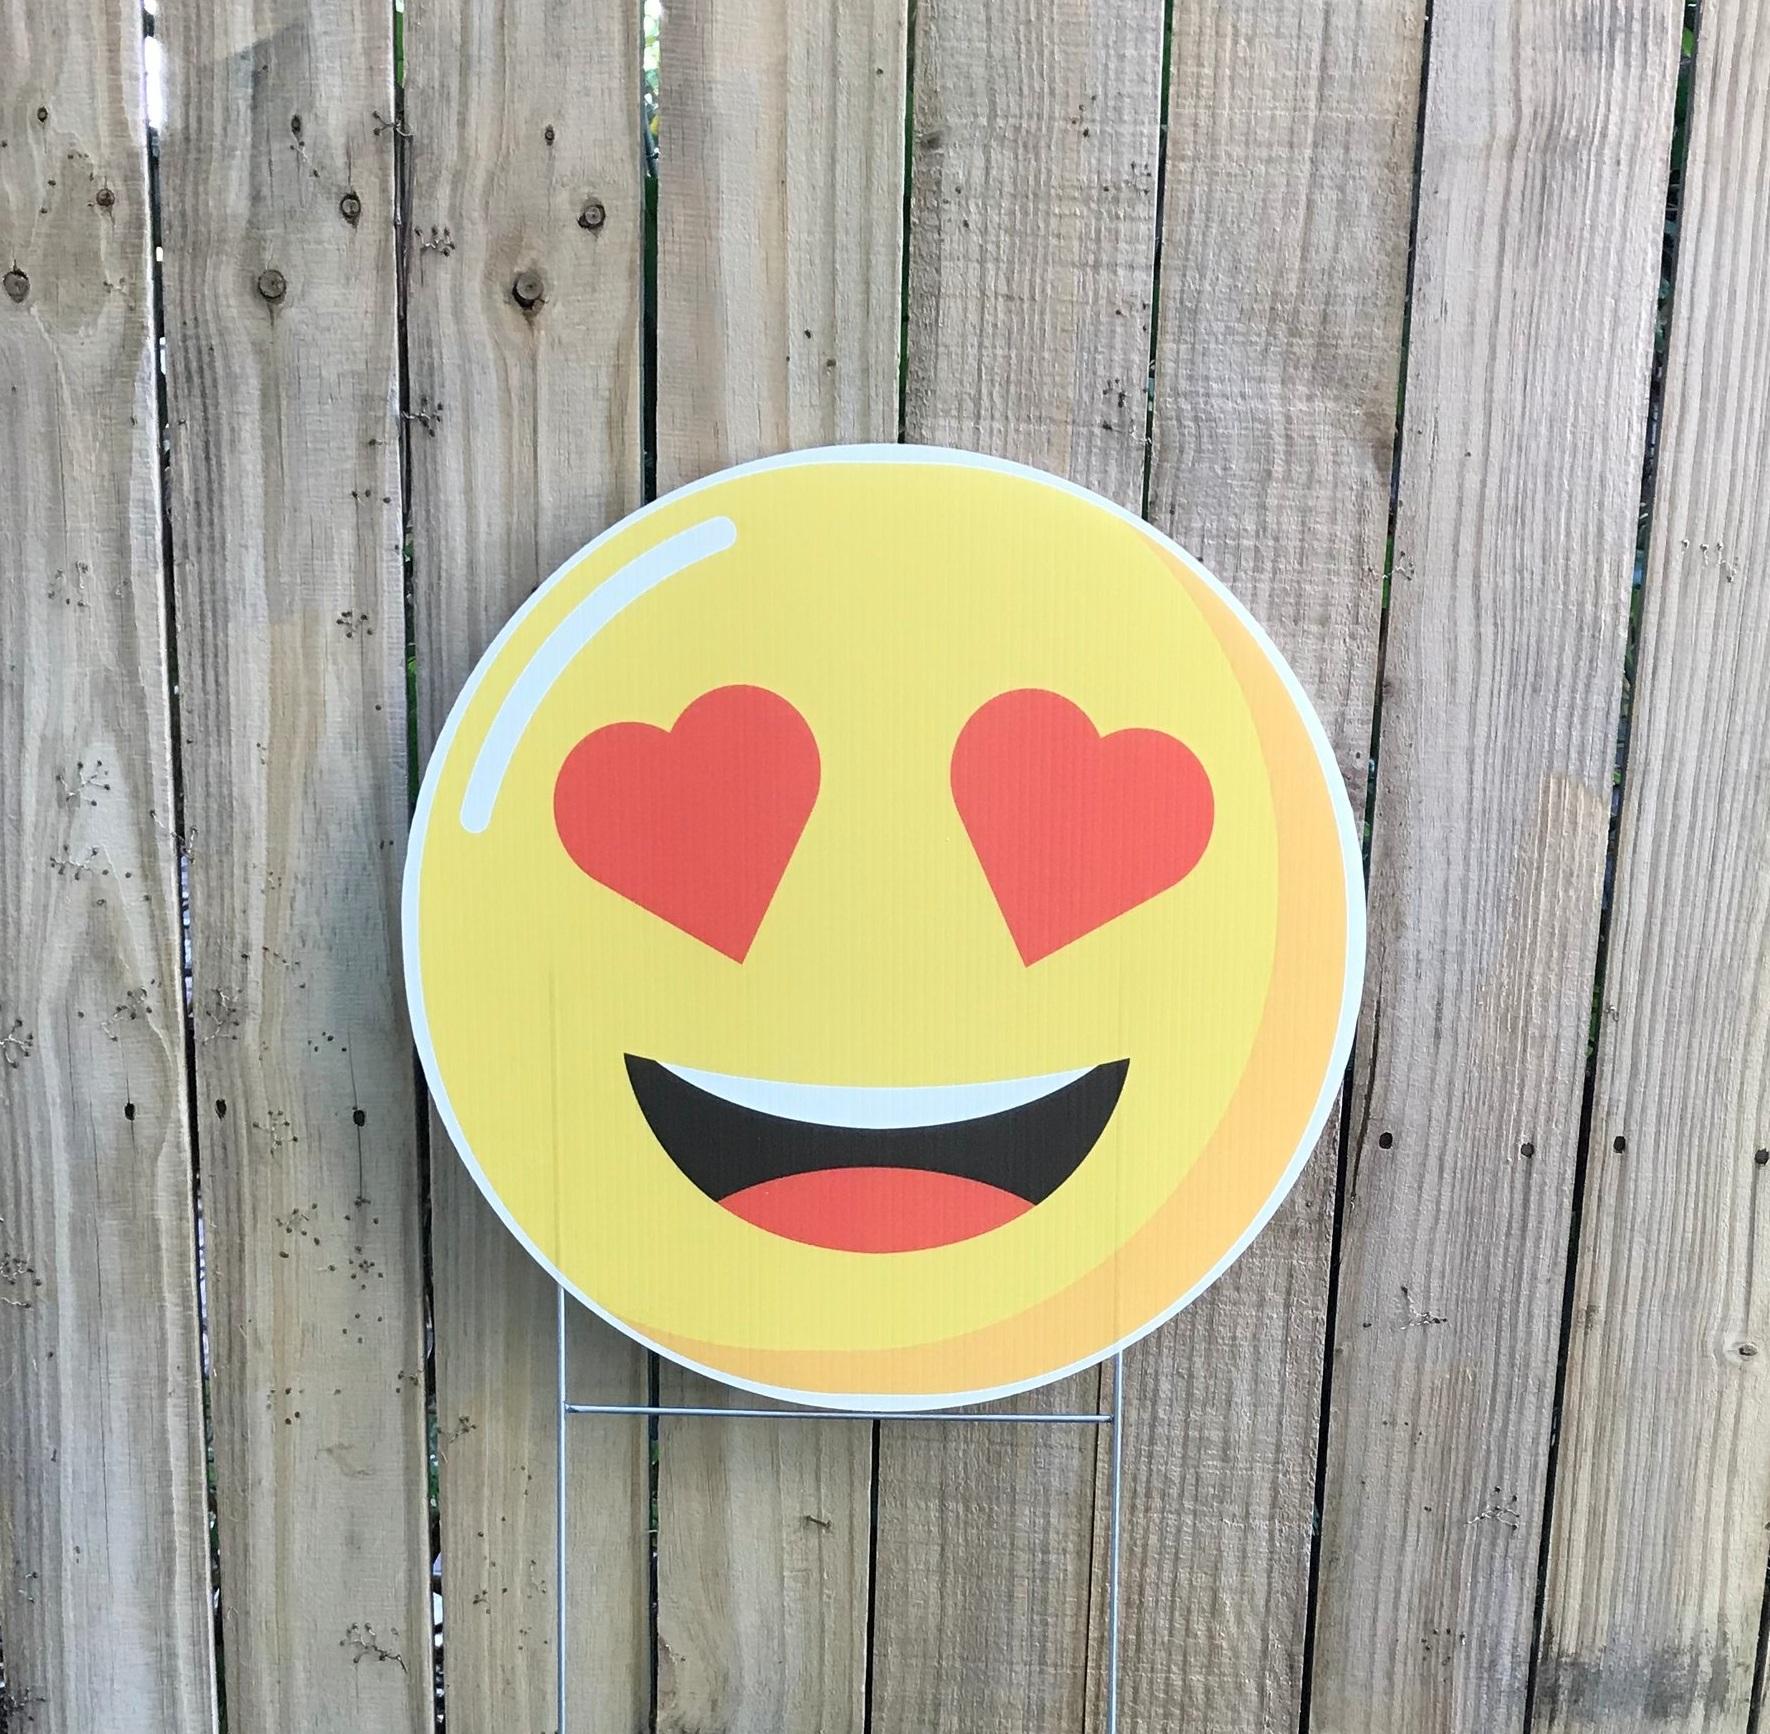 heart eye emoji.jpg